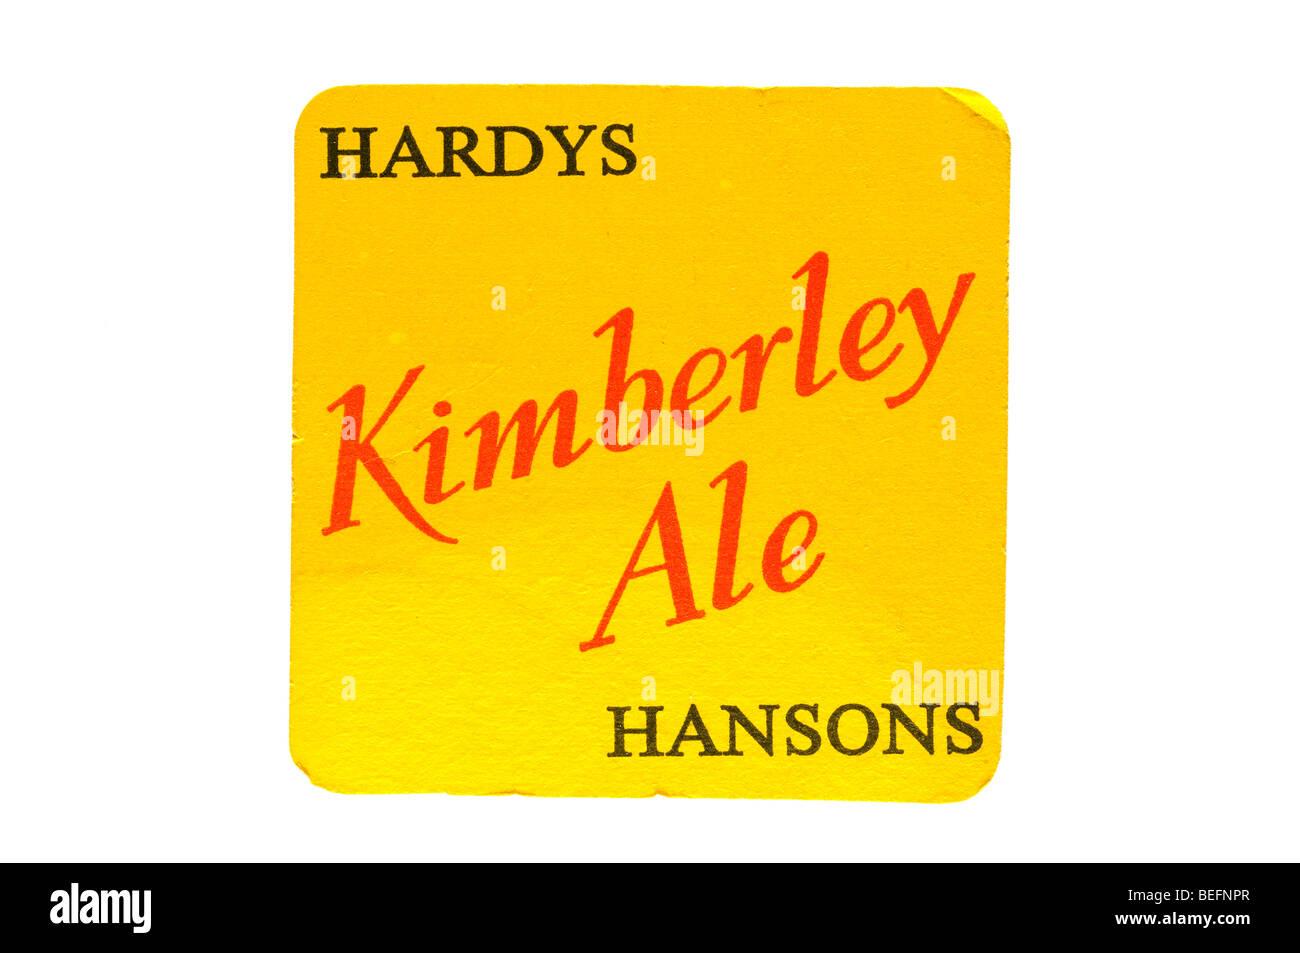 hardys kimberly ale hansons Stock Photo